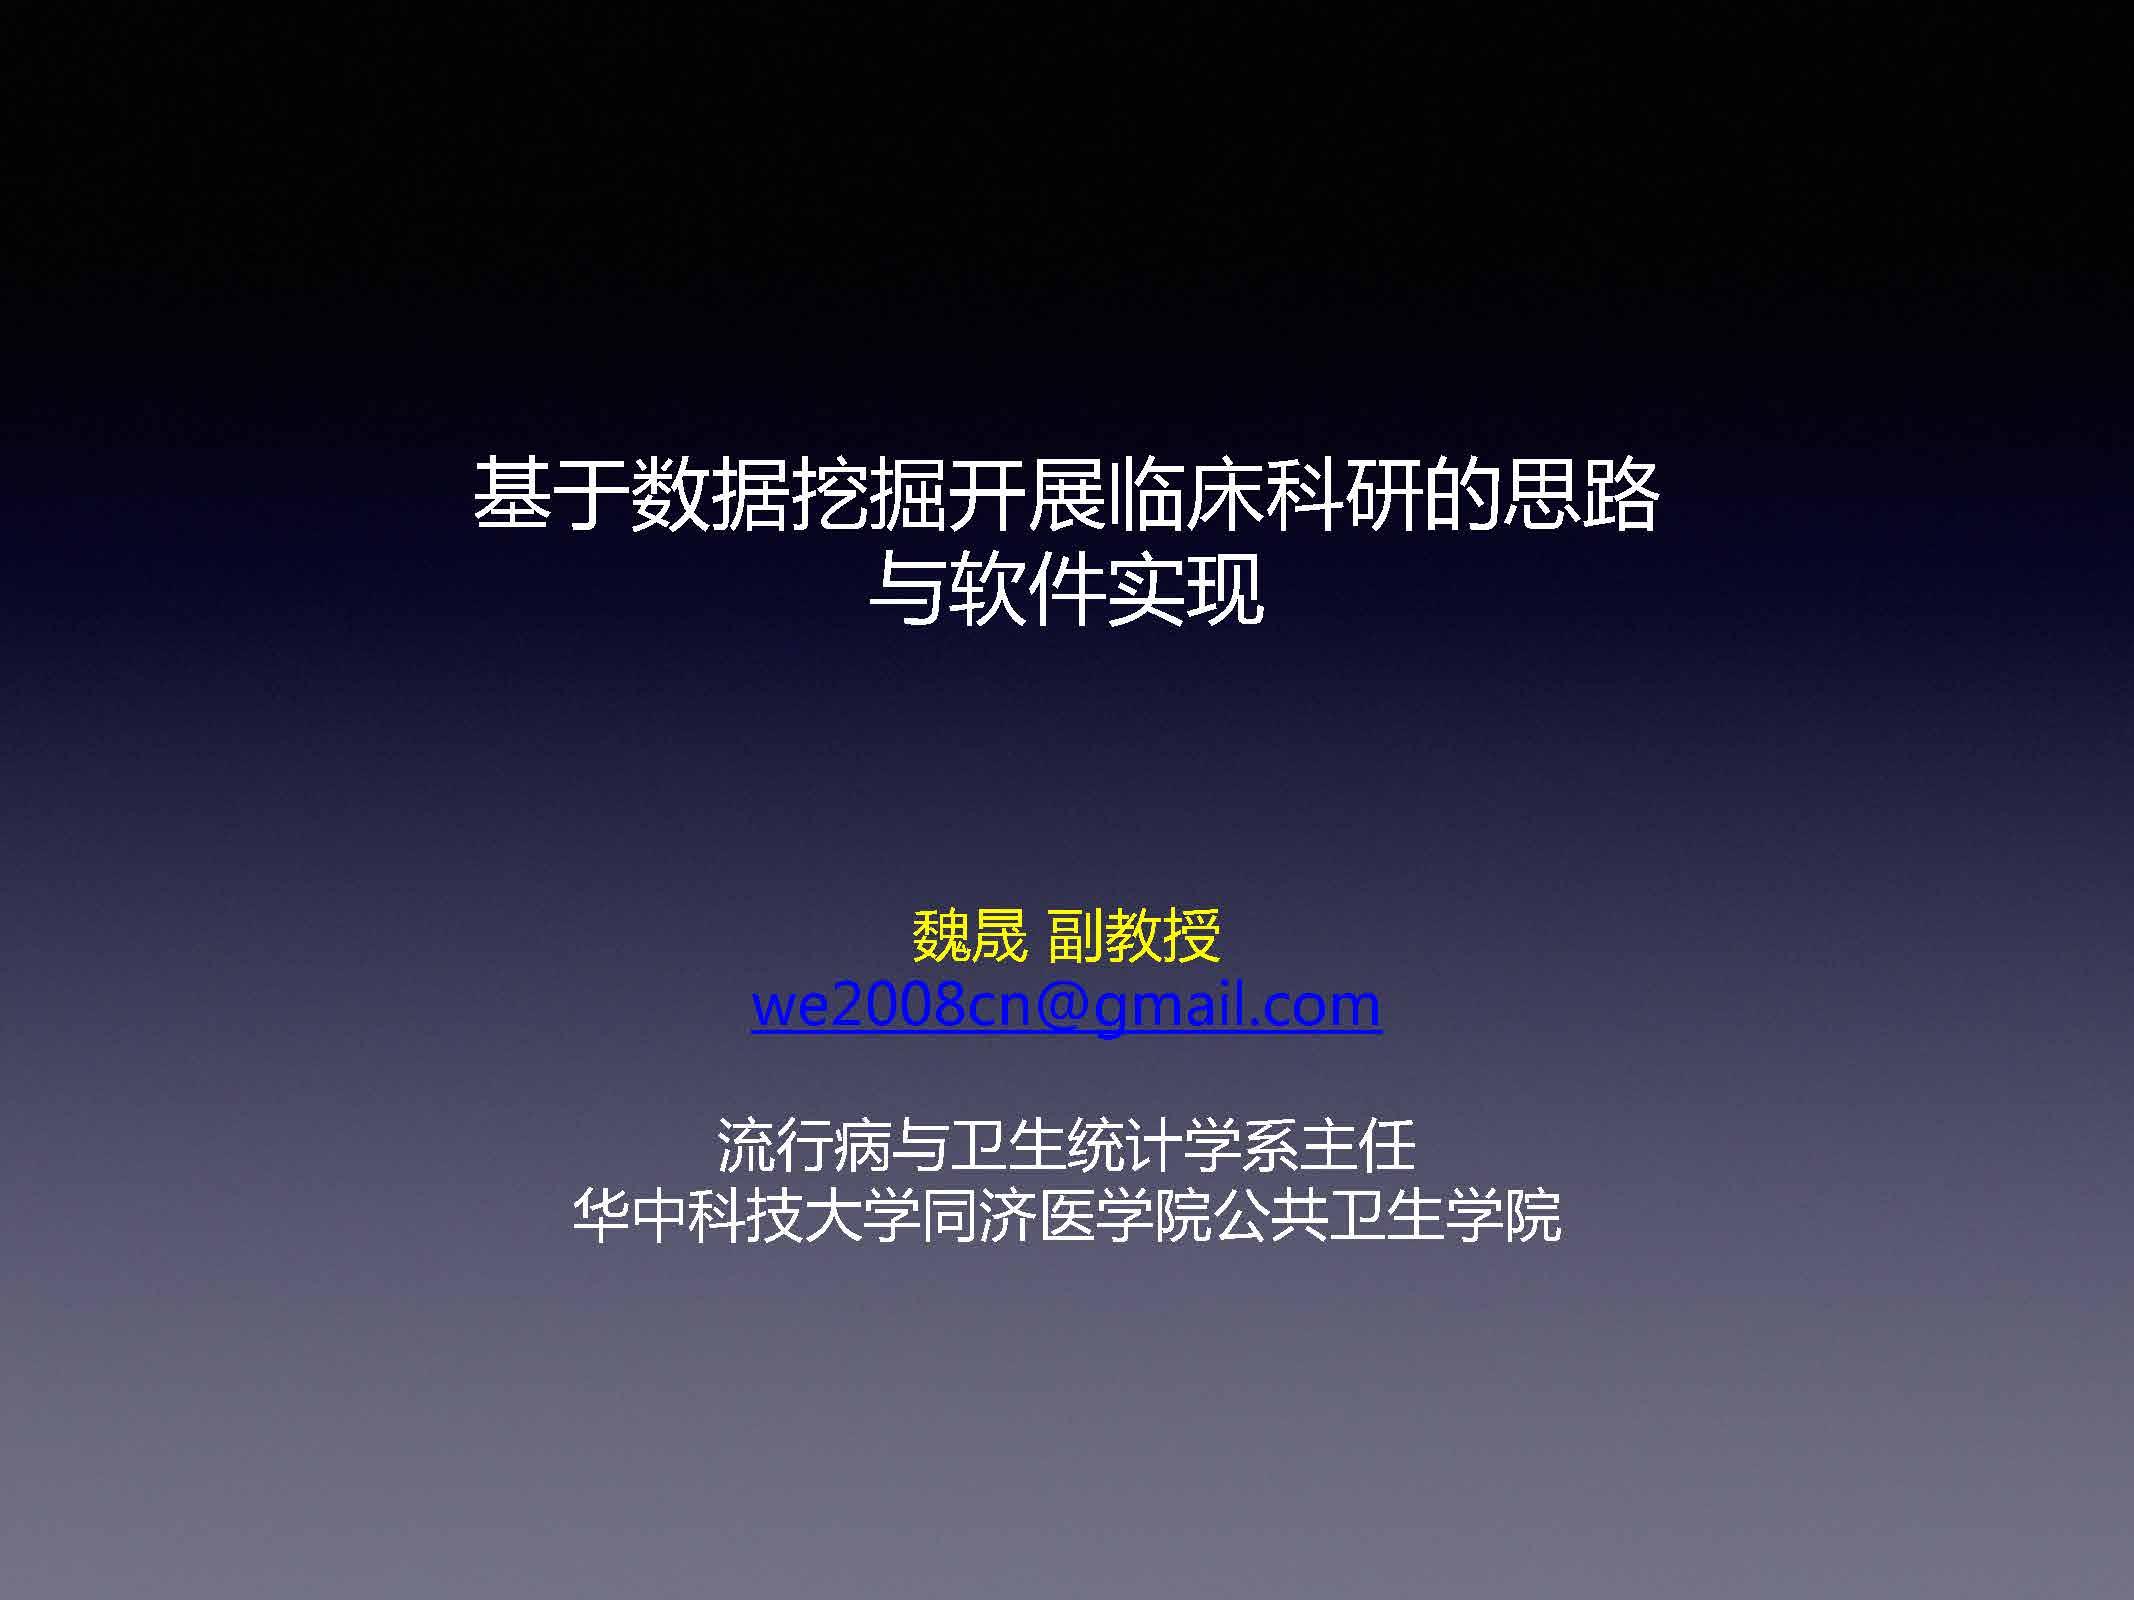 魏晟-基于数据挖掘开展临床科研的思路与软件实现